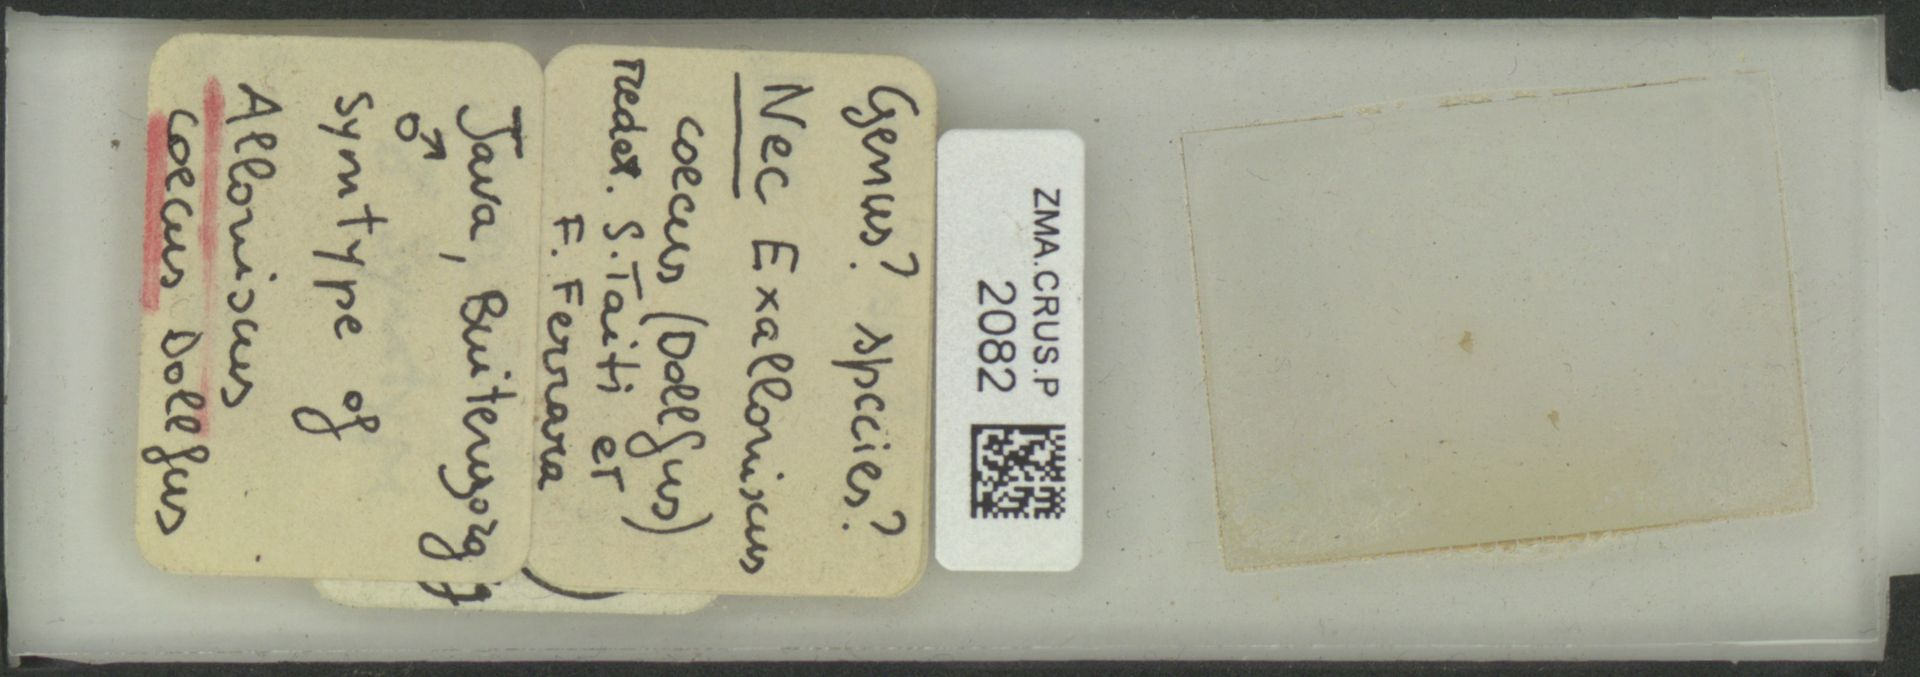 ZMA.CRUS.P.2082 | Exalloriscus coecus (Dollfus)